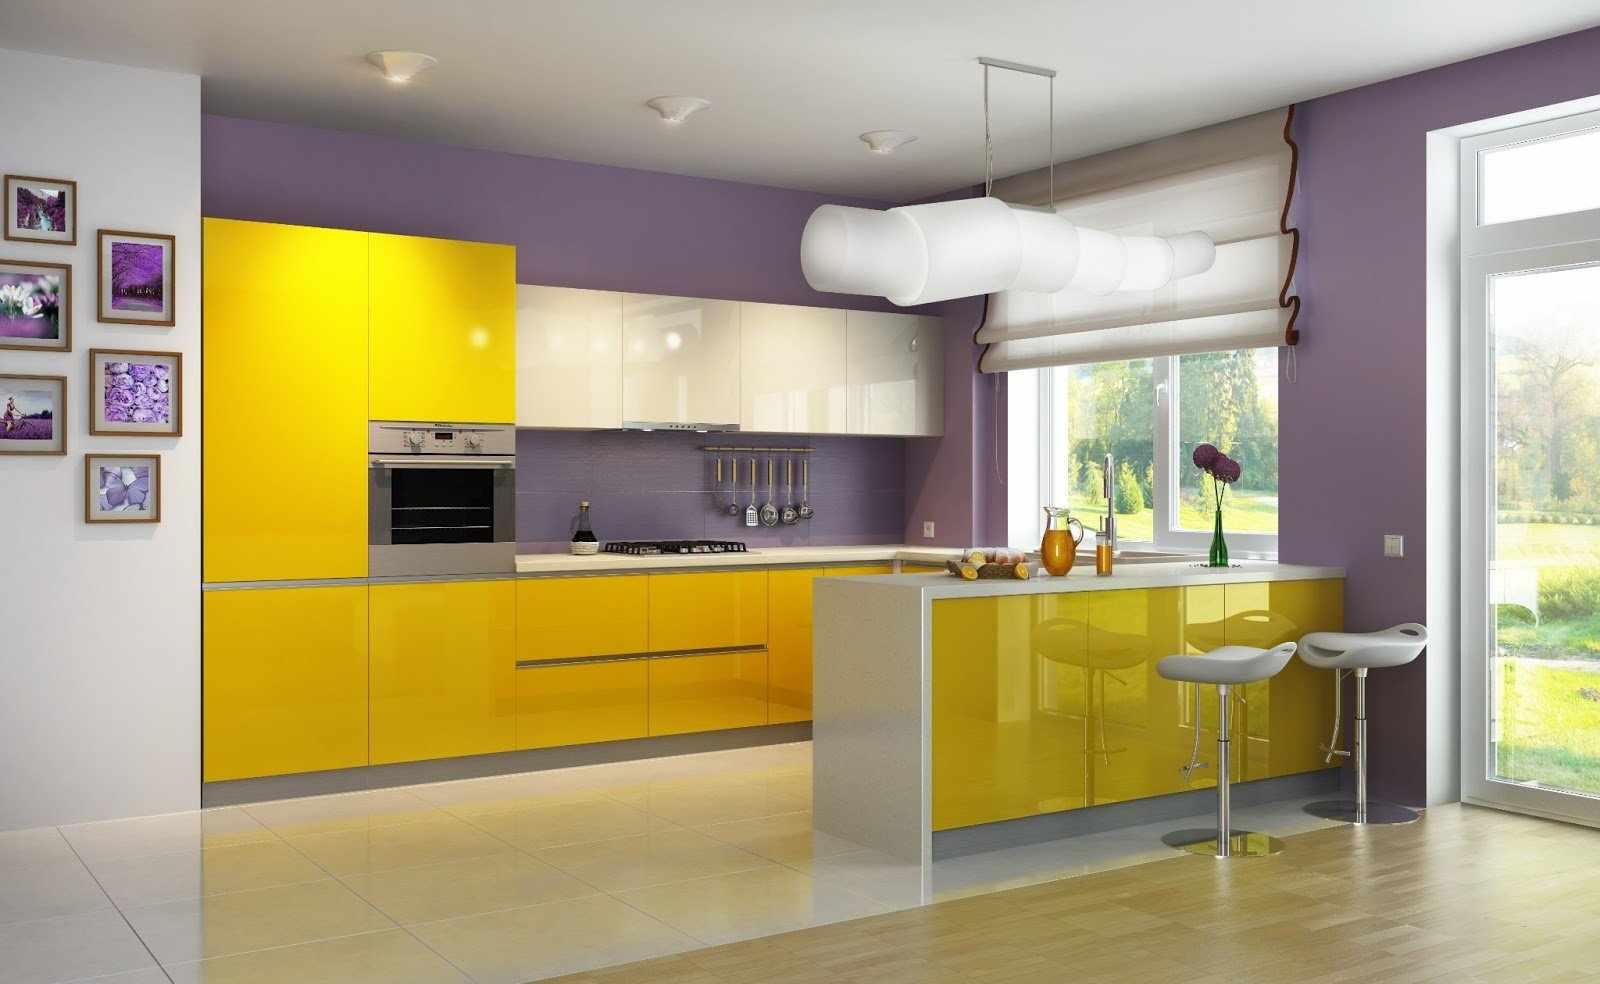 Сочетание желтого и фиолетового цветов на кухне